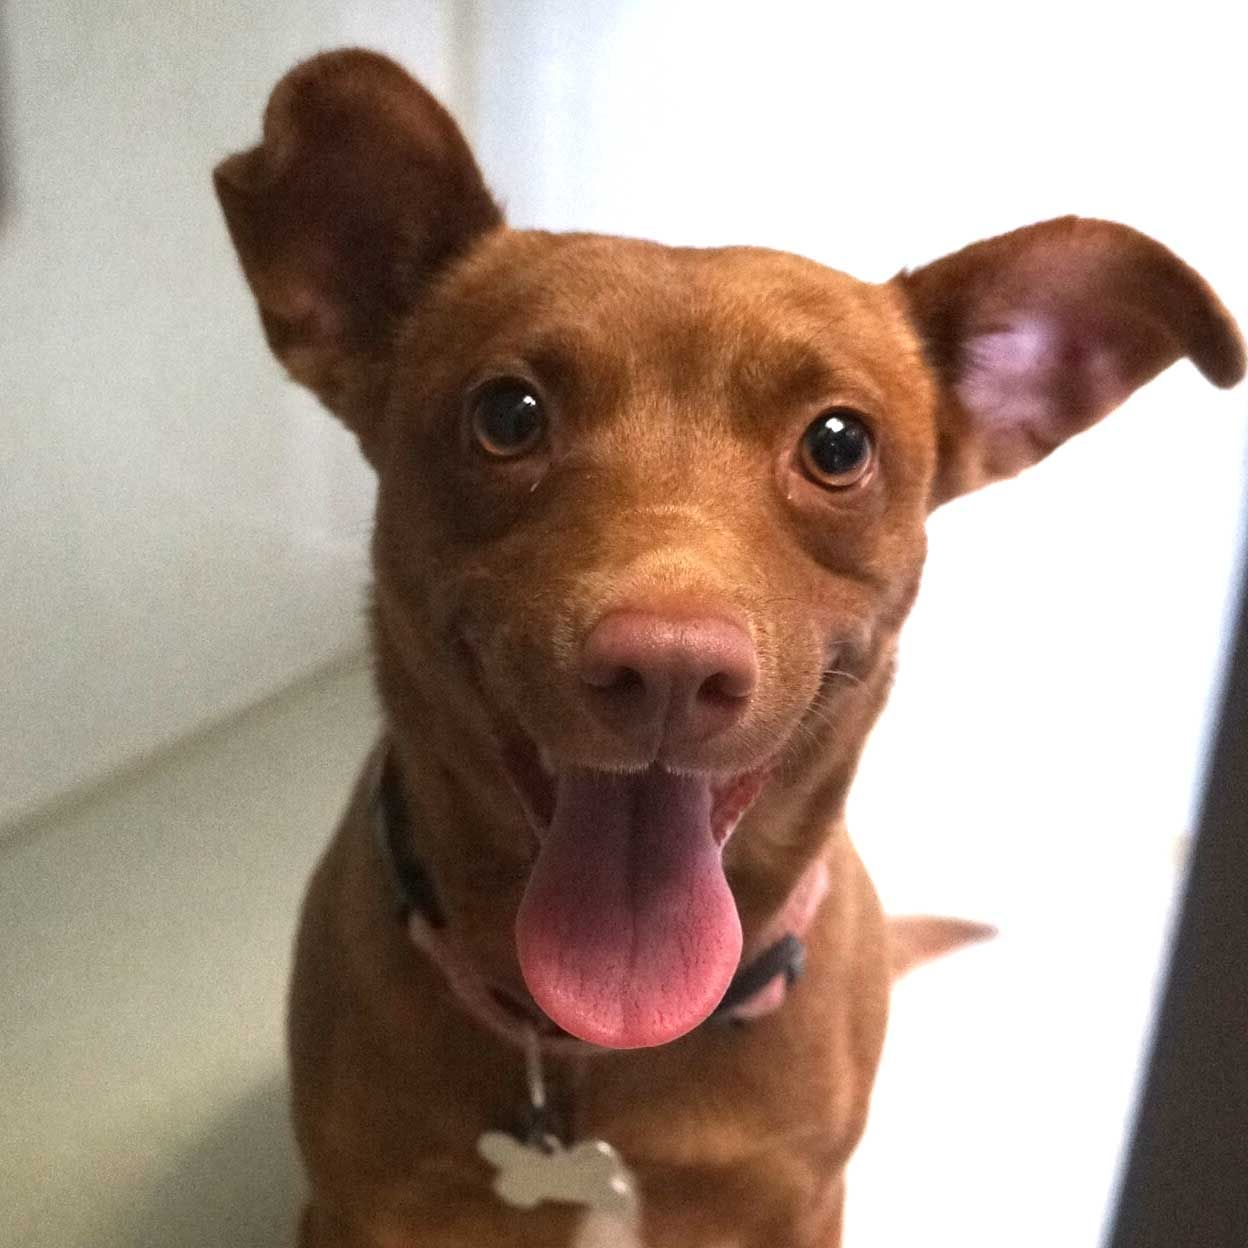 Adopt a Pet (With images) Cat adoption, Animals, Dog